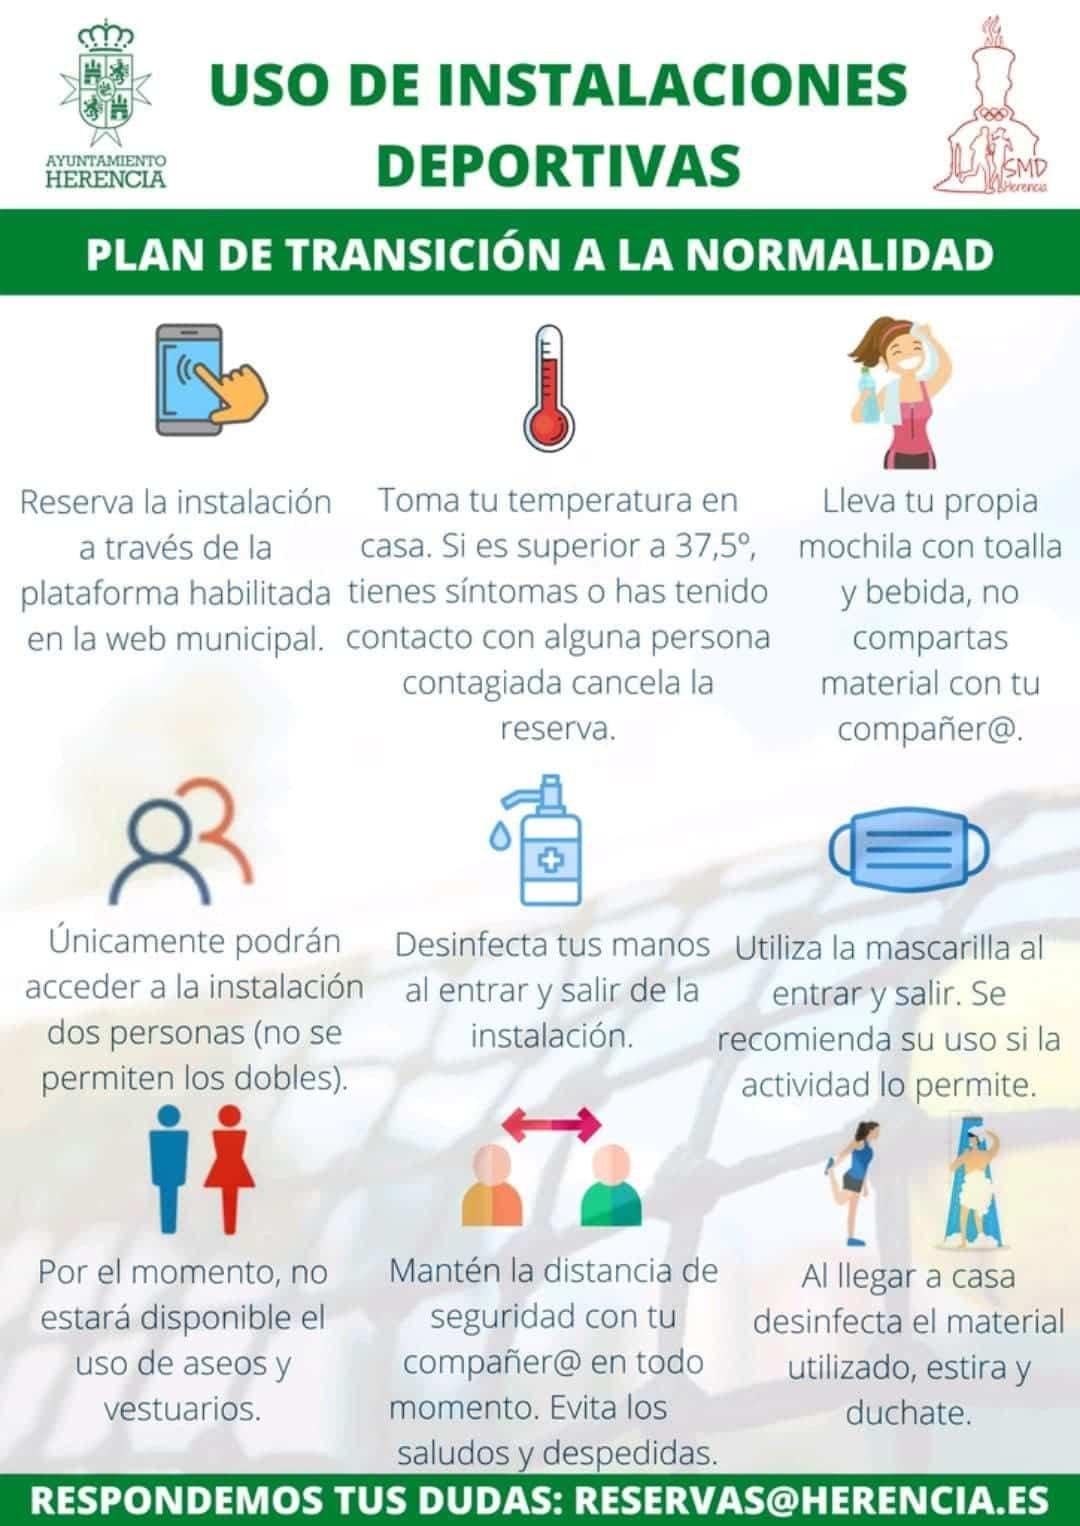 uso instalaciones deportivas herencia - Apertura progresiva de las instalaciones deportivas en fase 1 en Herencia